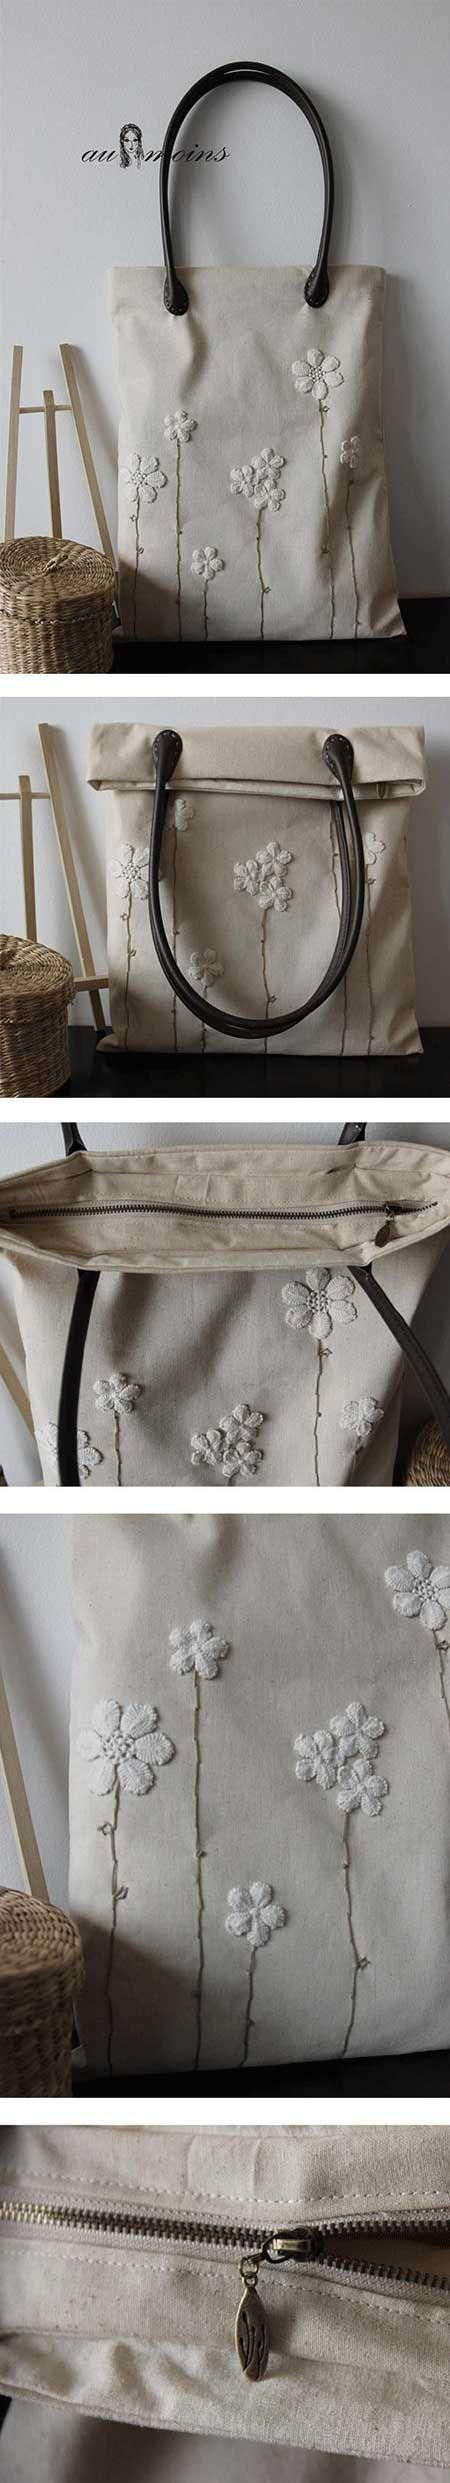 İşlemeli ve desenli çantalar, daha spor ve şirin bir hava yaratacaktır...